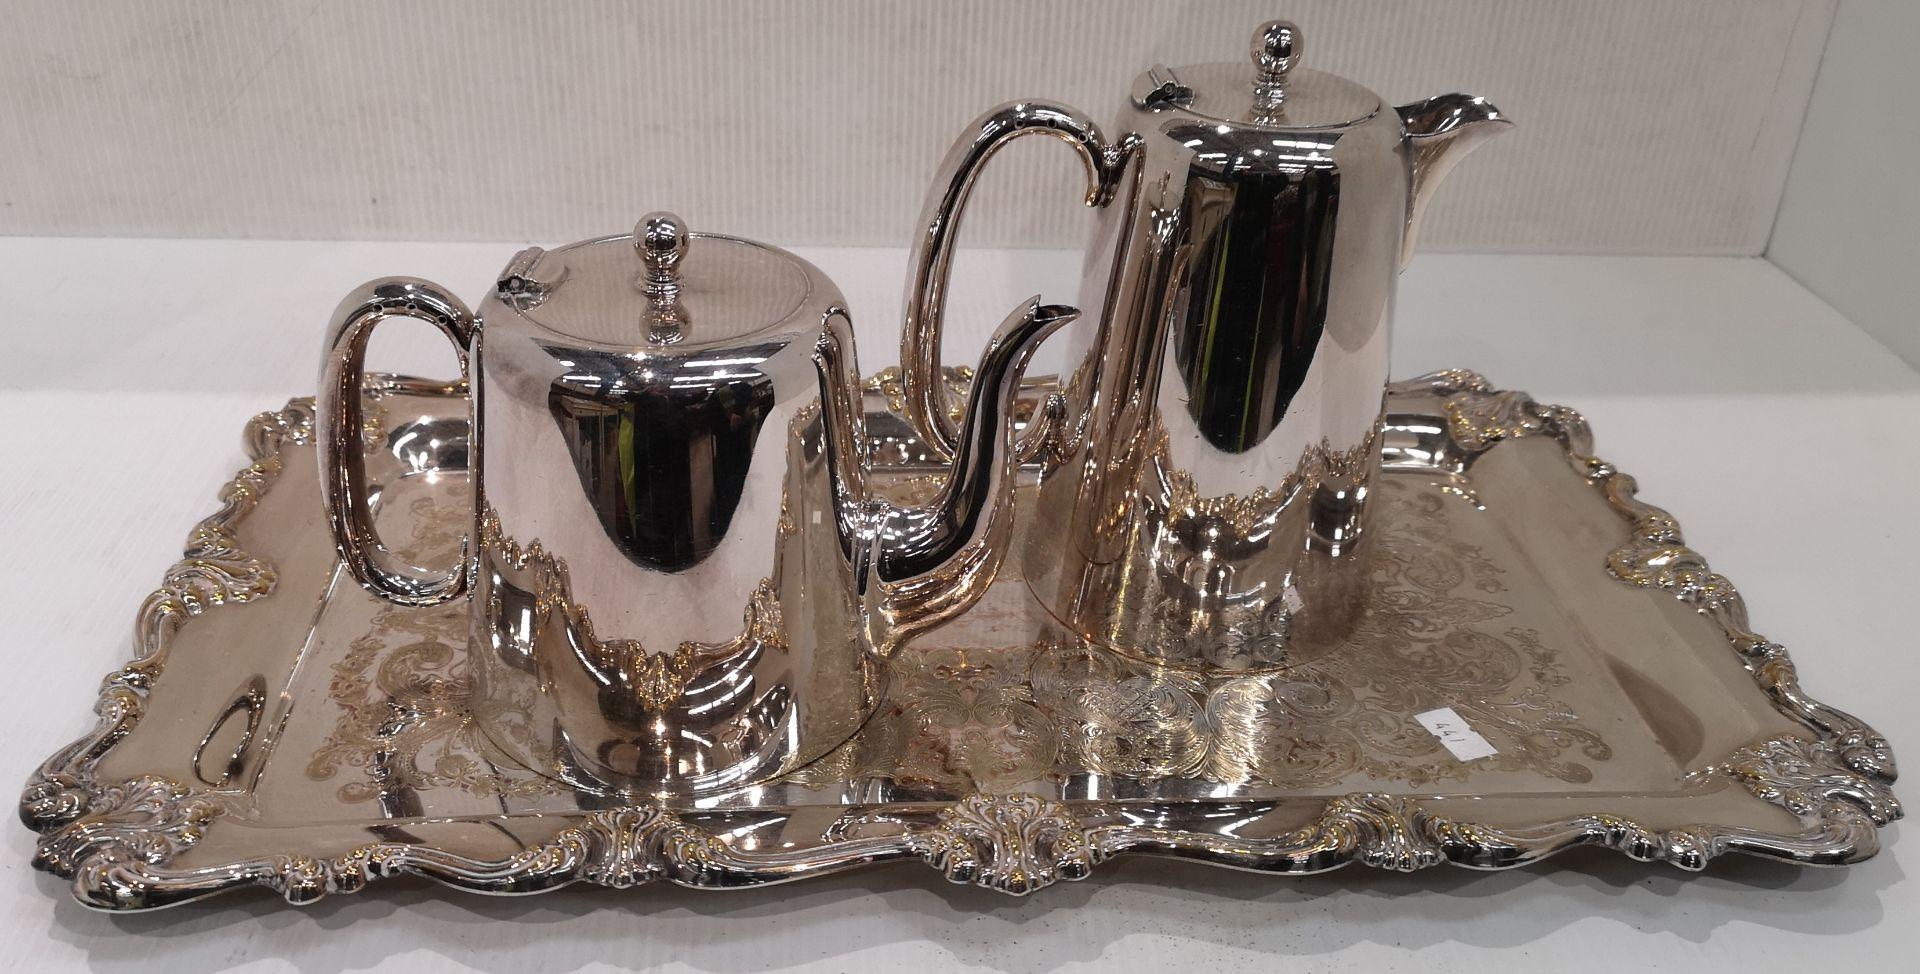 Lot 30 - Three items - plated tray,